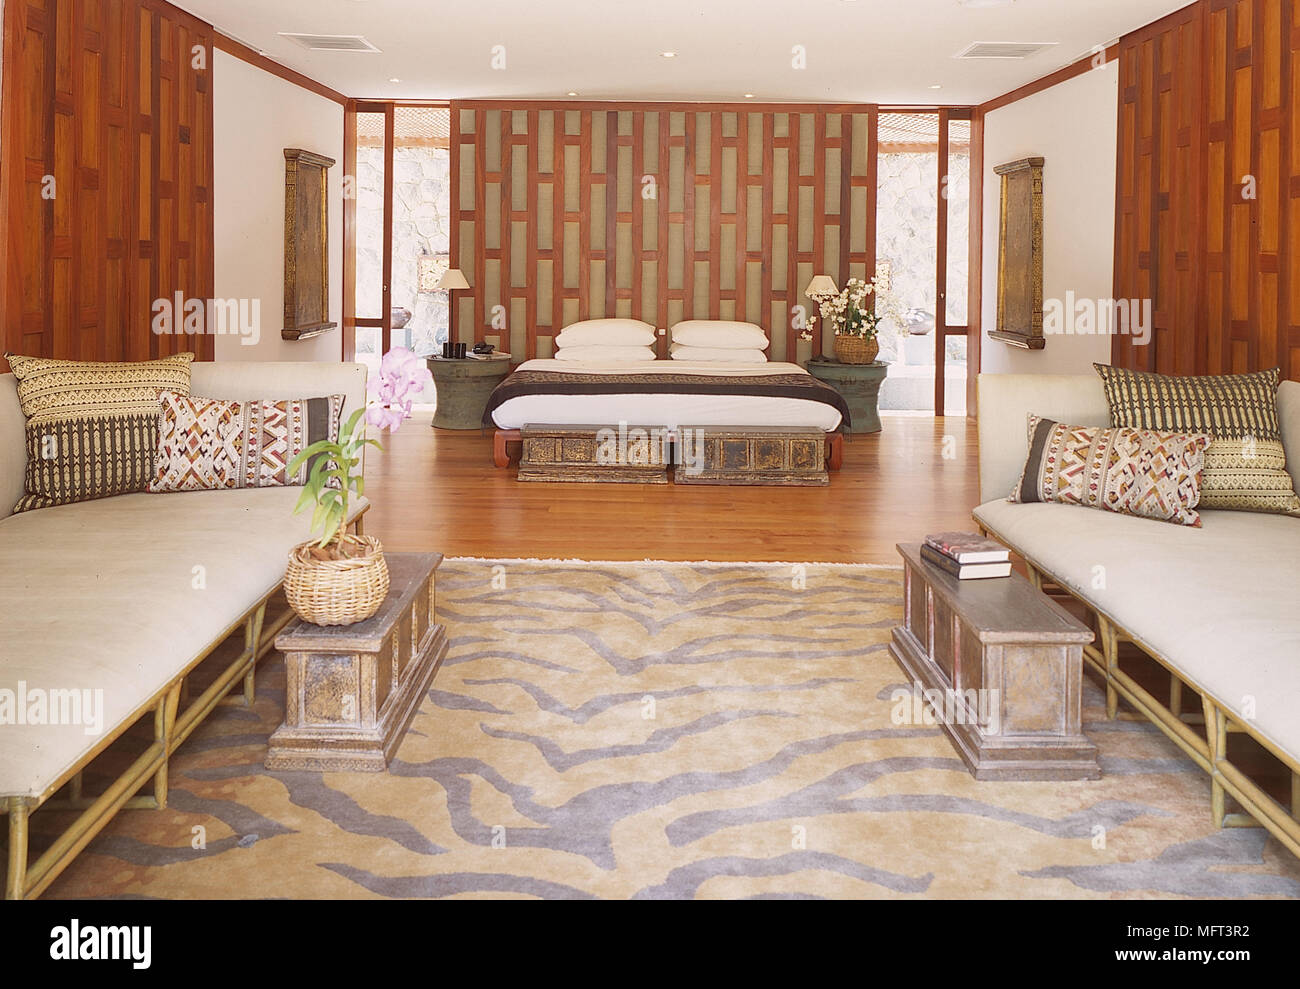 Hochwertig Schlafzimmer Weiße Wände Holztäfelung Bodenbeläge Zwei Sofas,  Beistelltische Creme Braun Kissen Interieur Schlafzimmer Villas Oriental  Ost Betten Geräumige ...